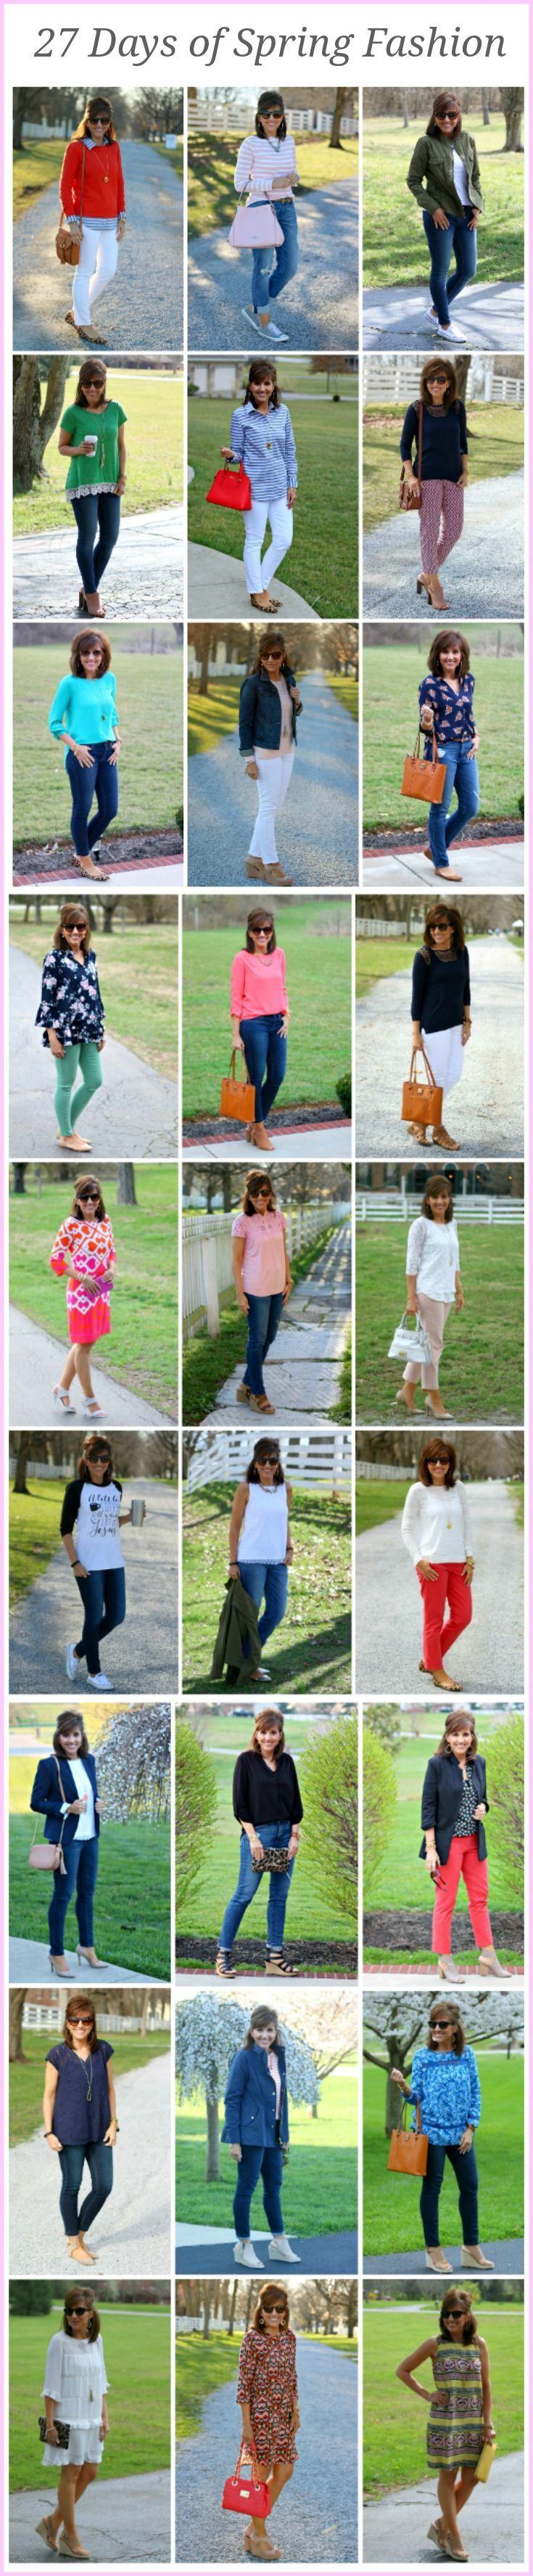 27 Days of Spring Fashion 2016 Recap